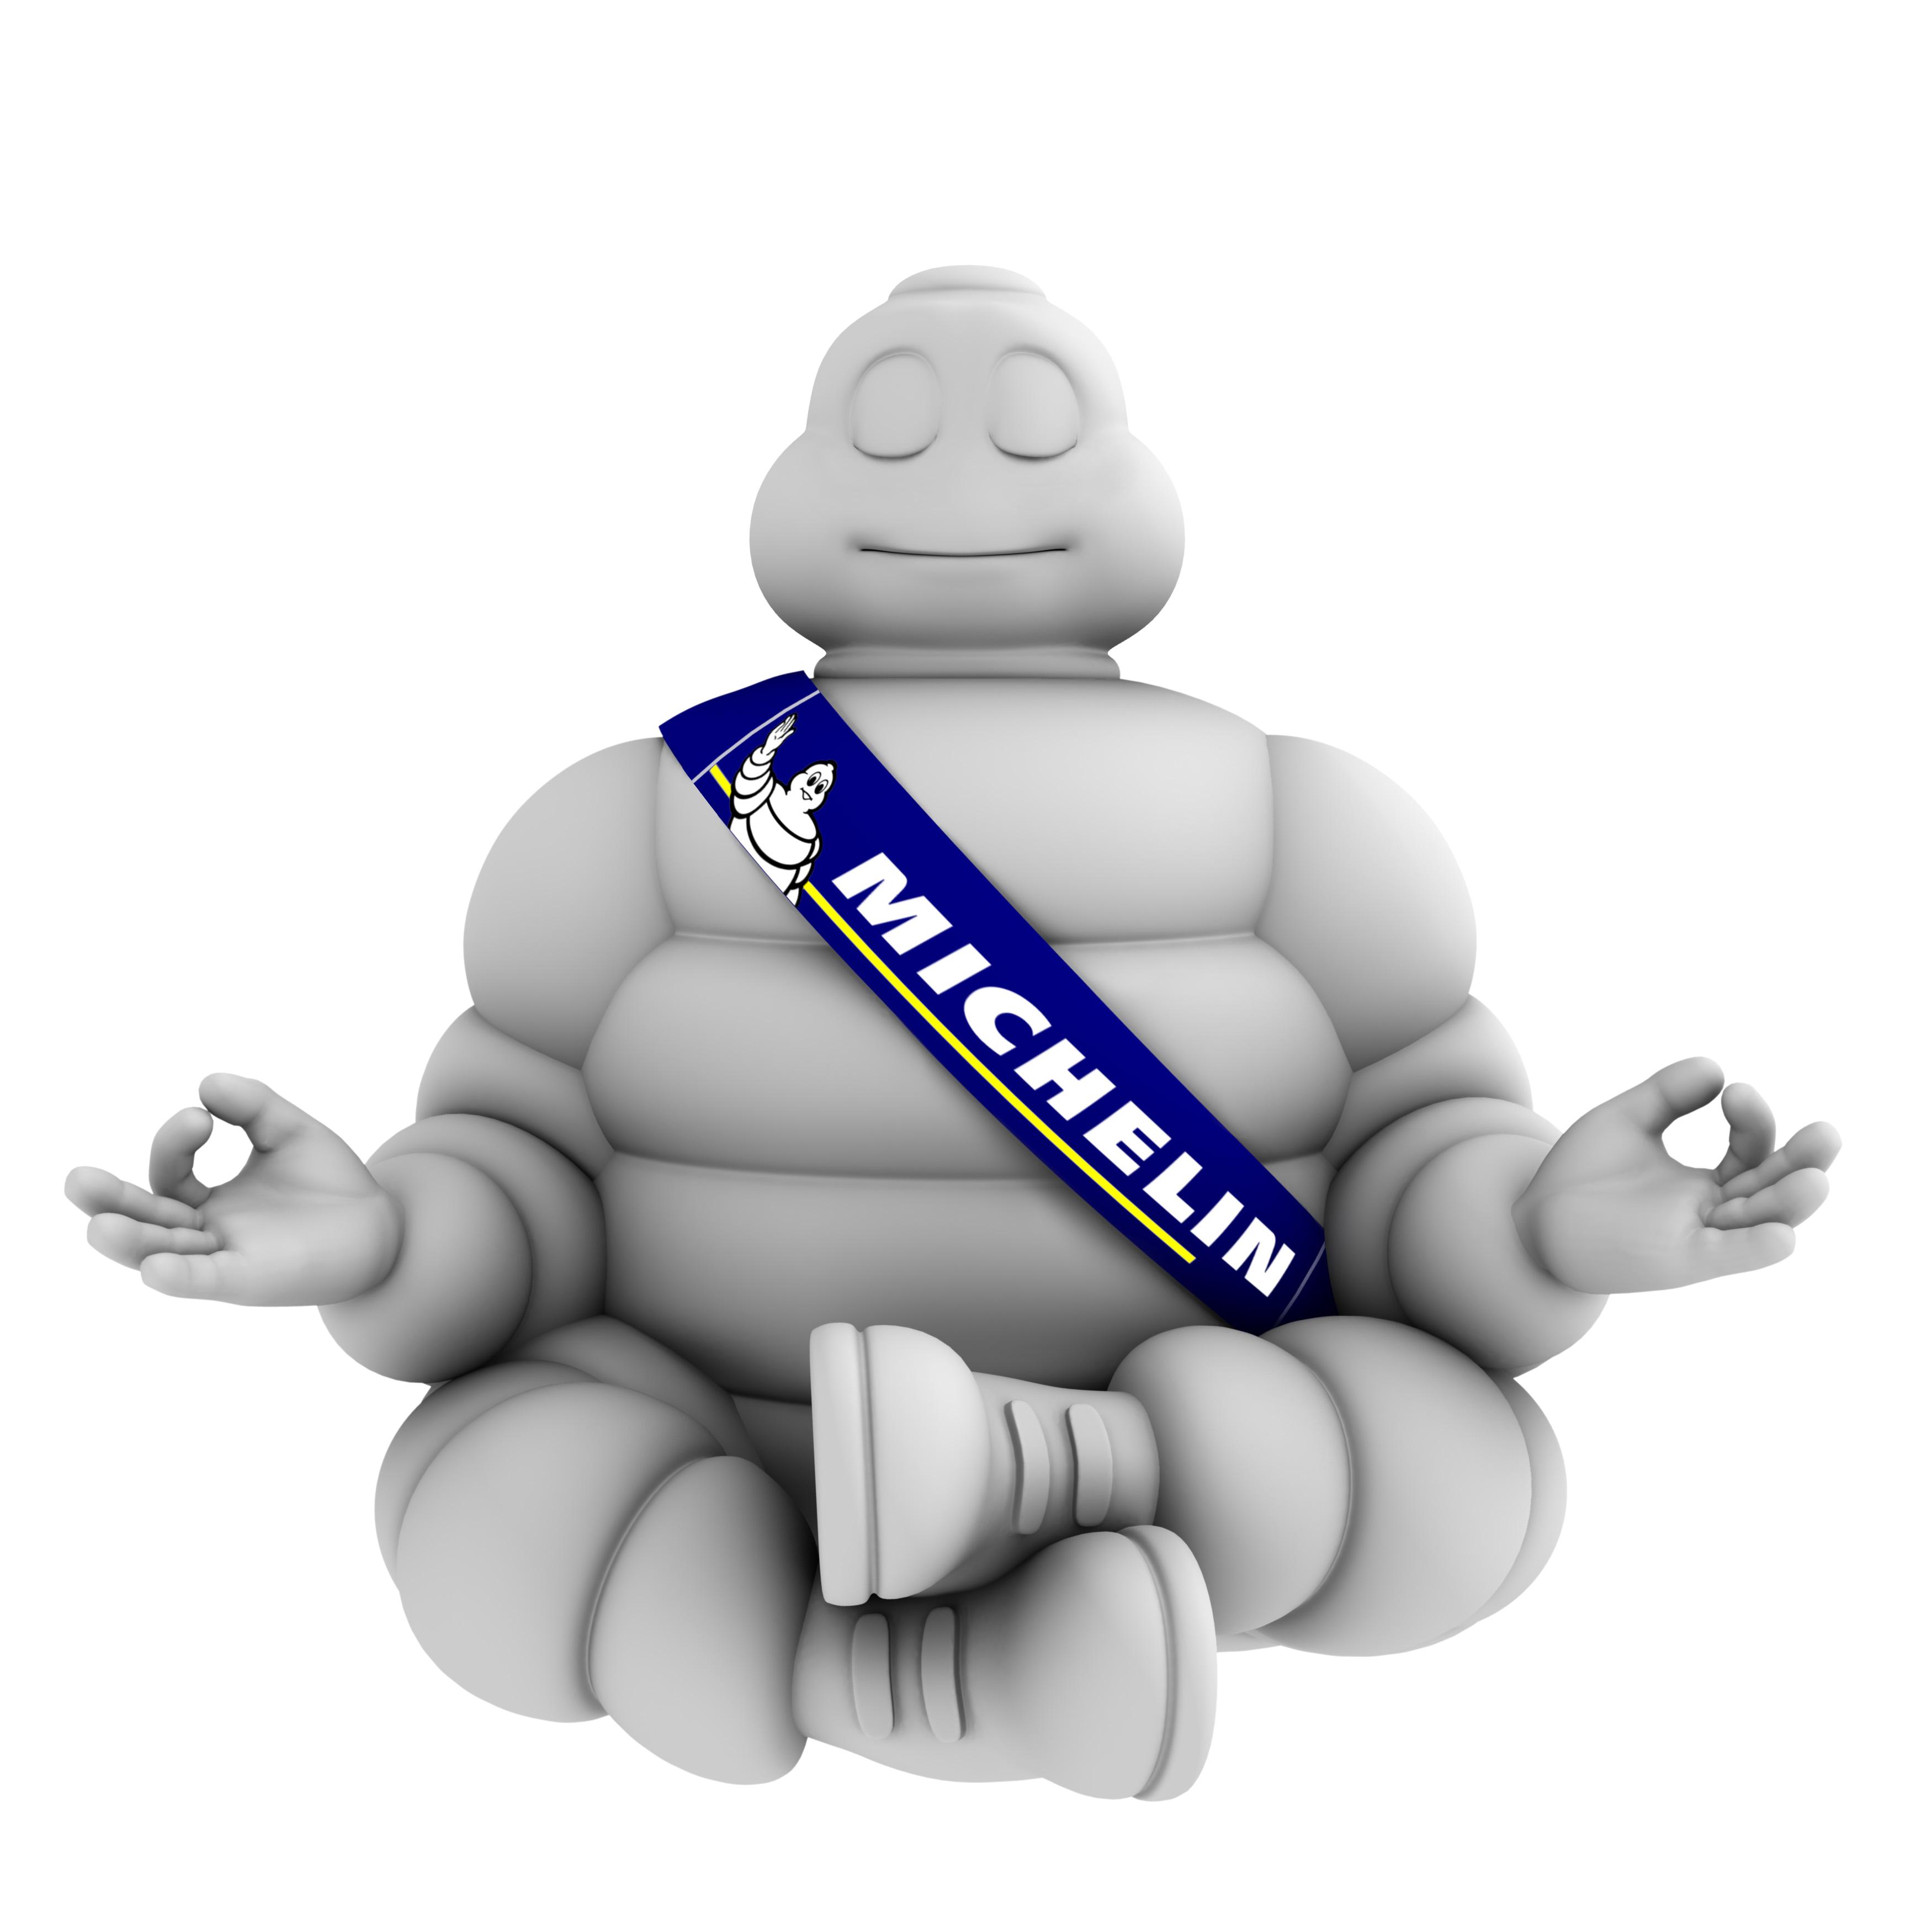 icon-michelinman-zen.png